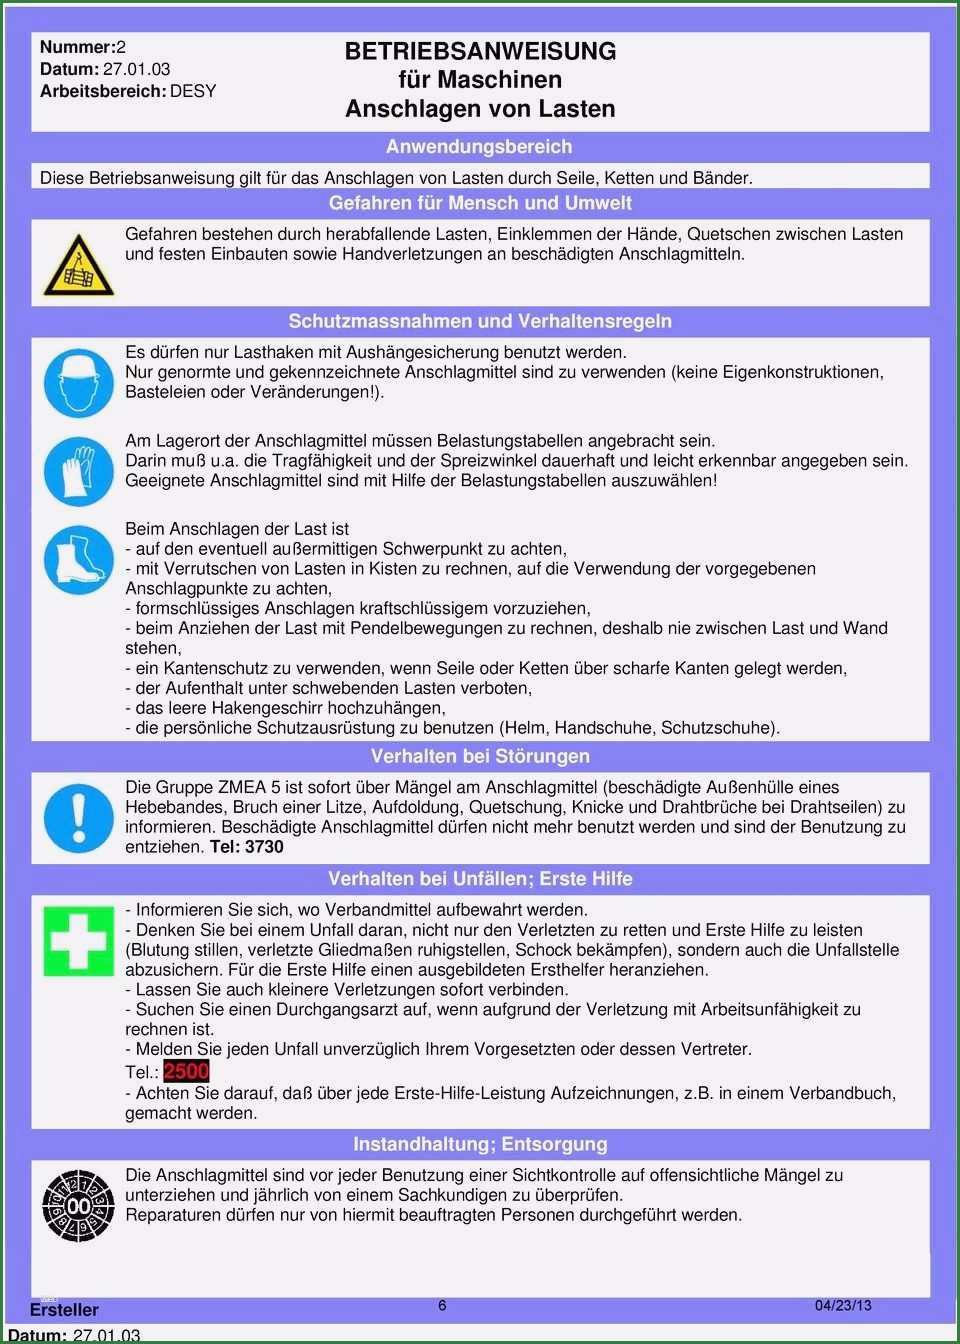 12 Grossartig Betriebsanweisung Vorlage Betriebsanweisung Vorlagen Verhaltensregeln